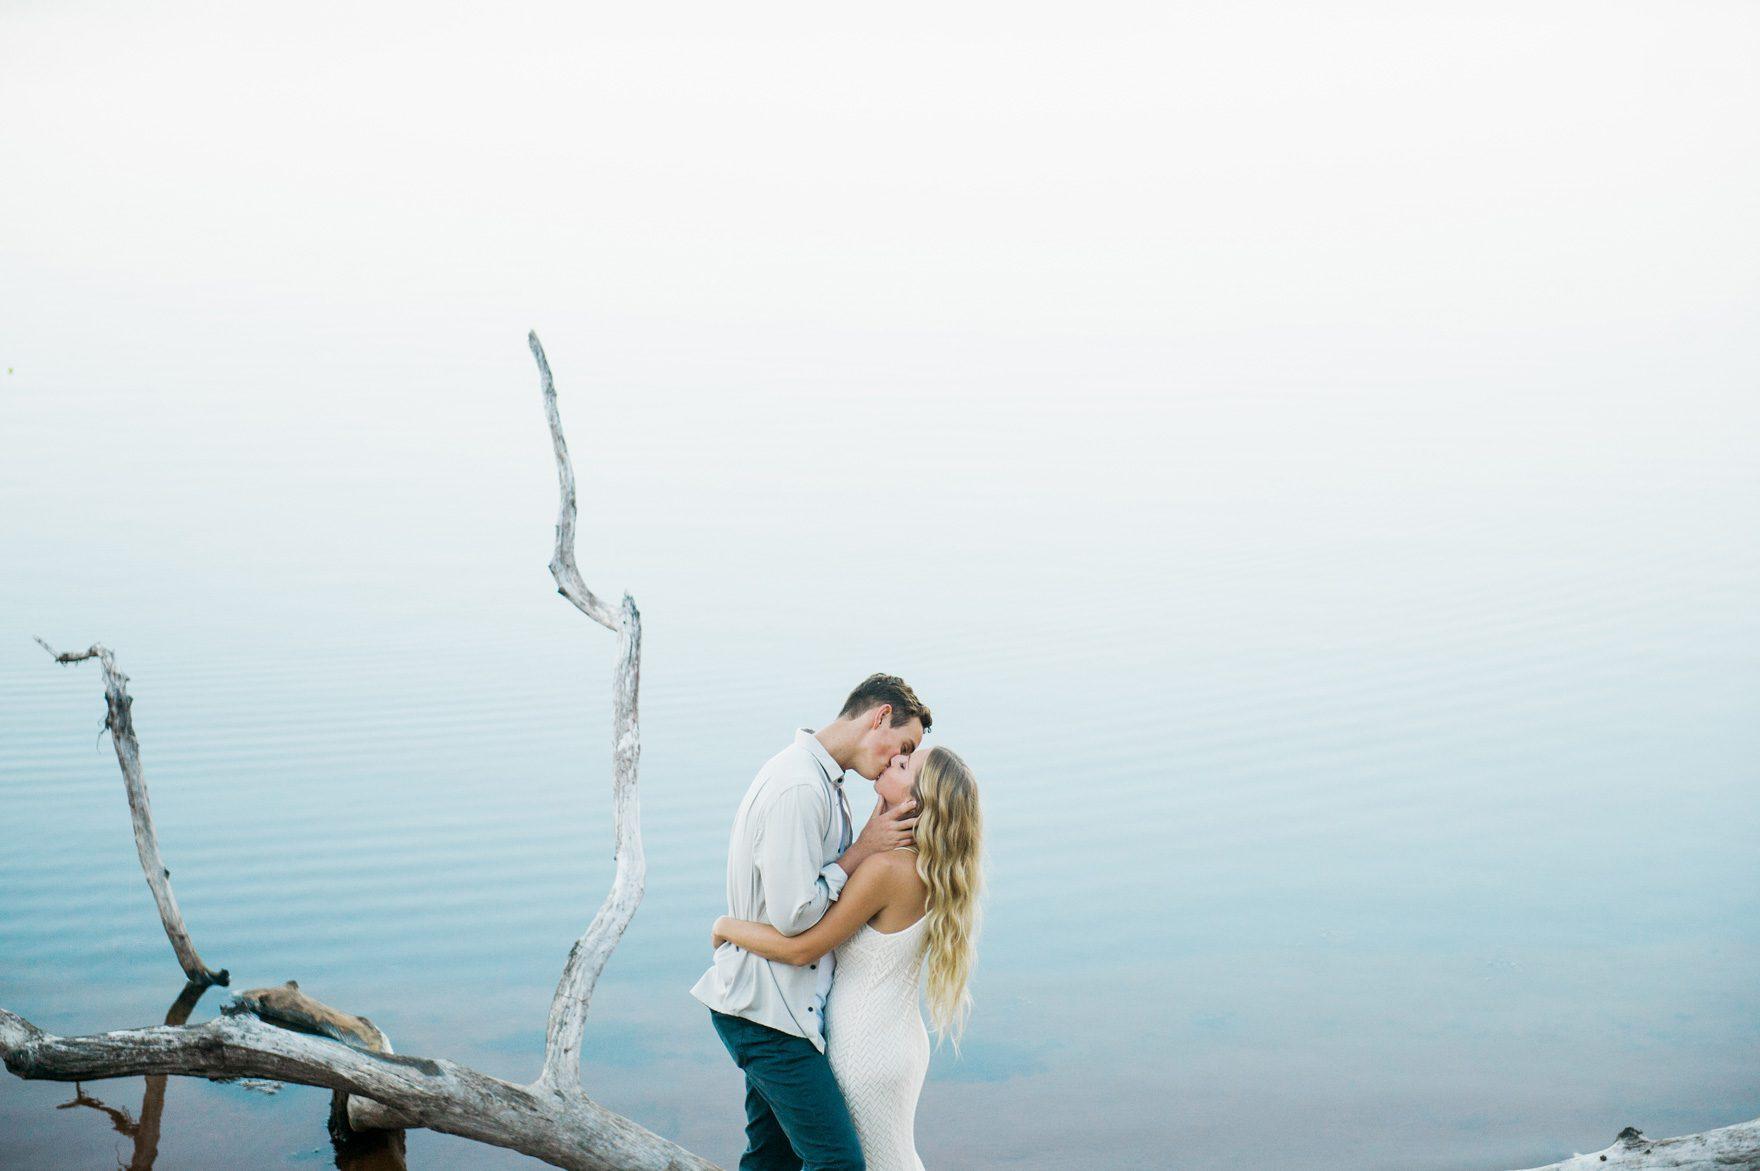 California-Destination-wedding-photographer-Christina-Lilly-007